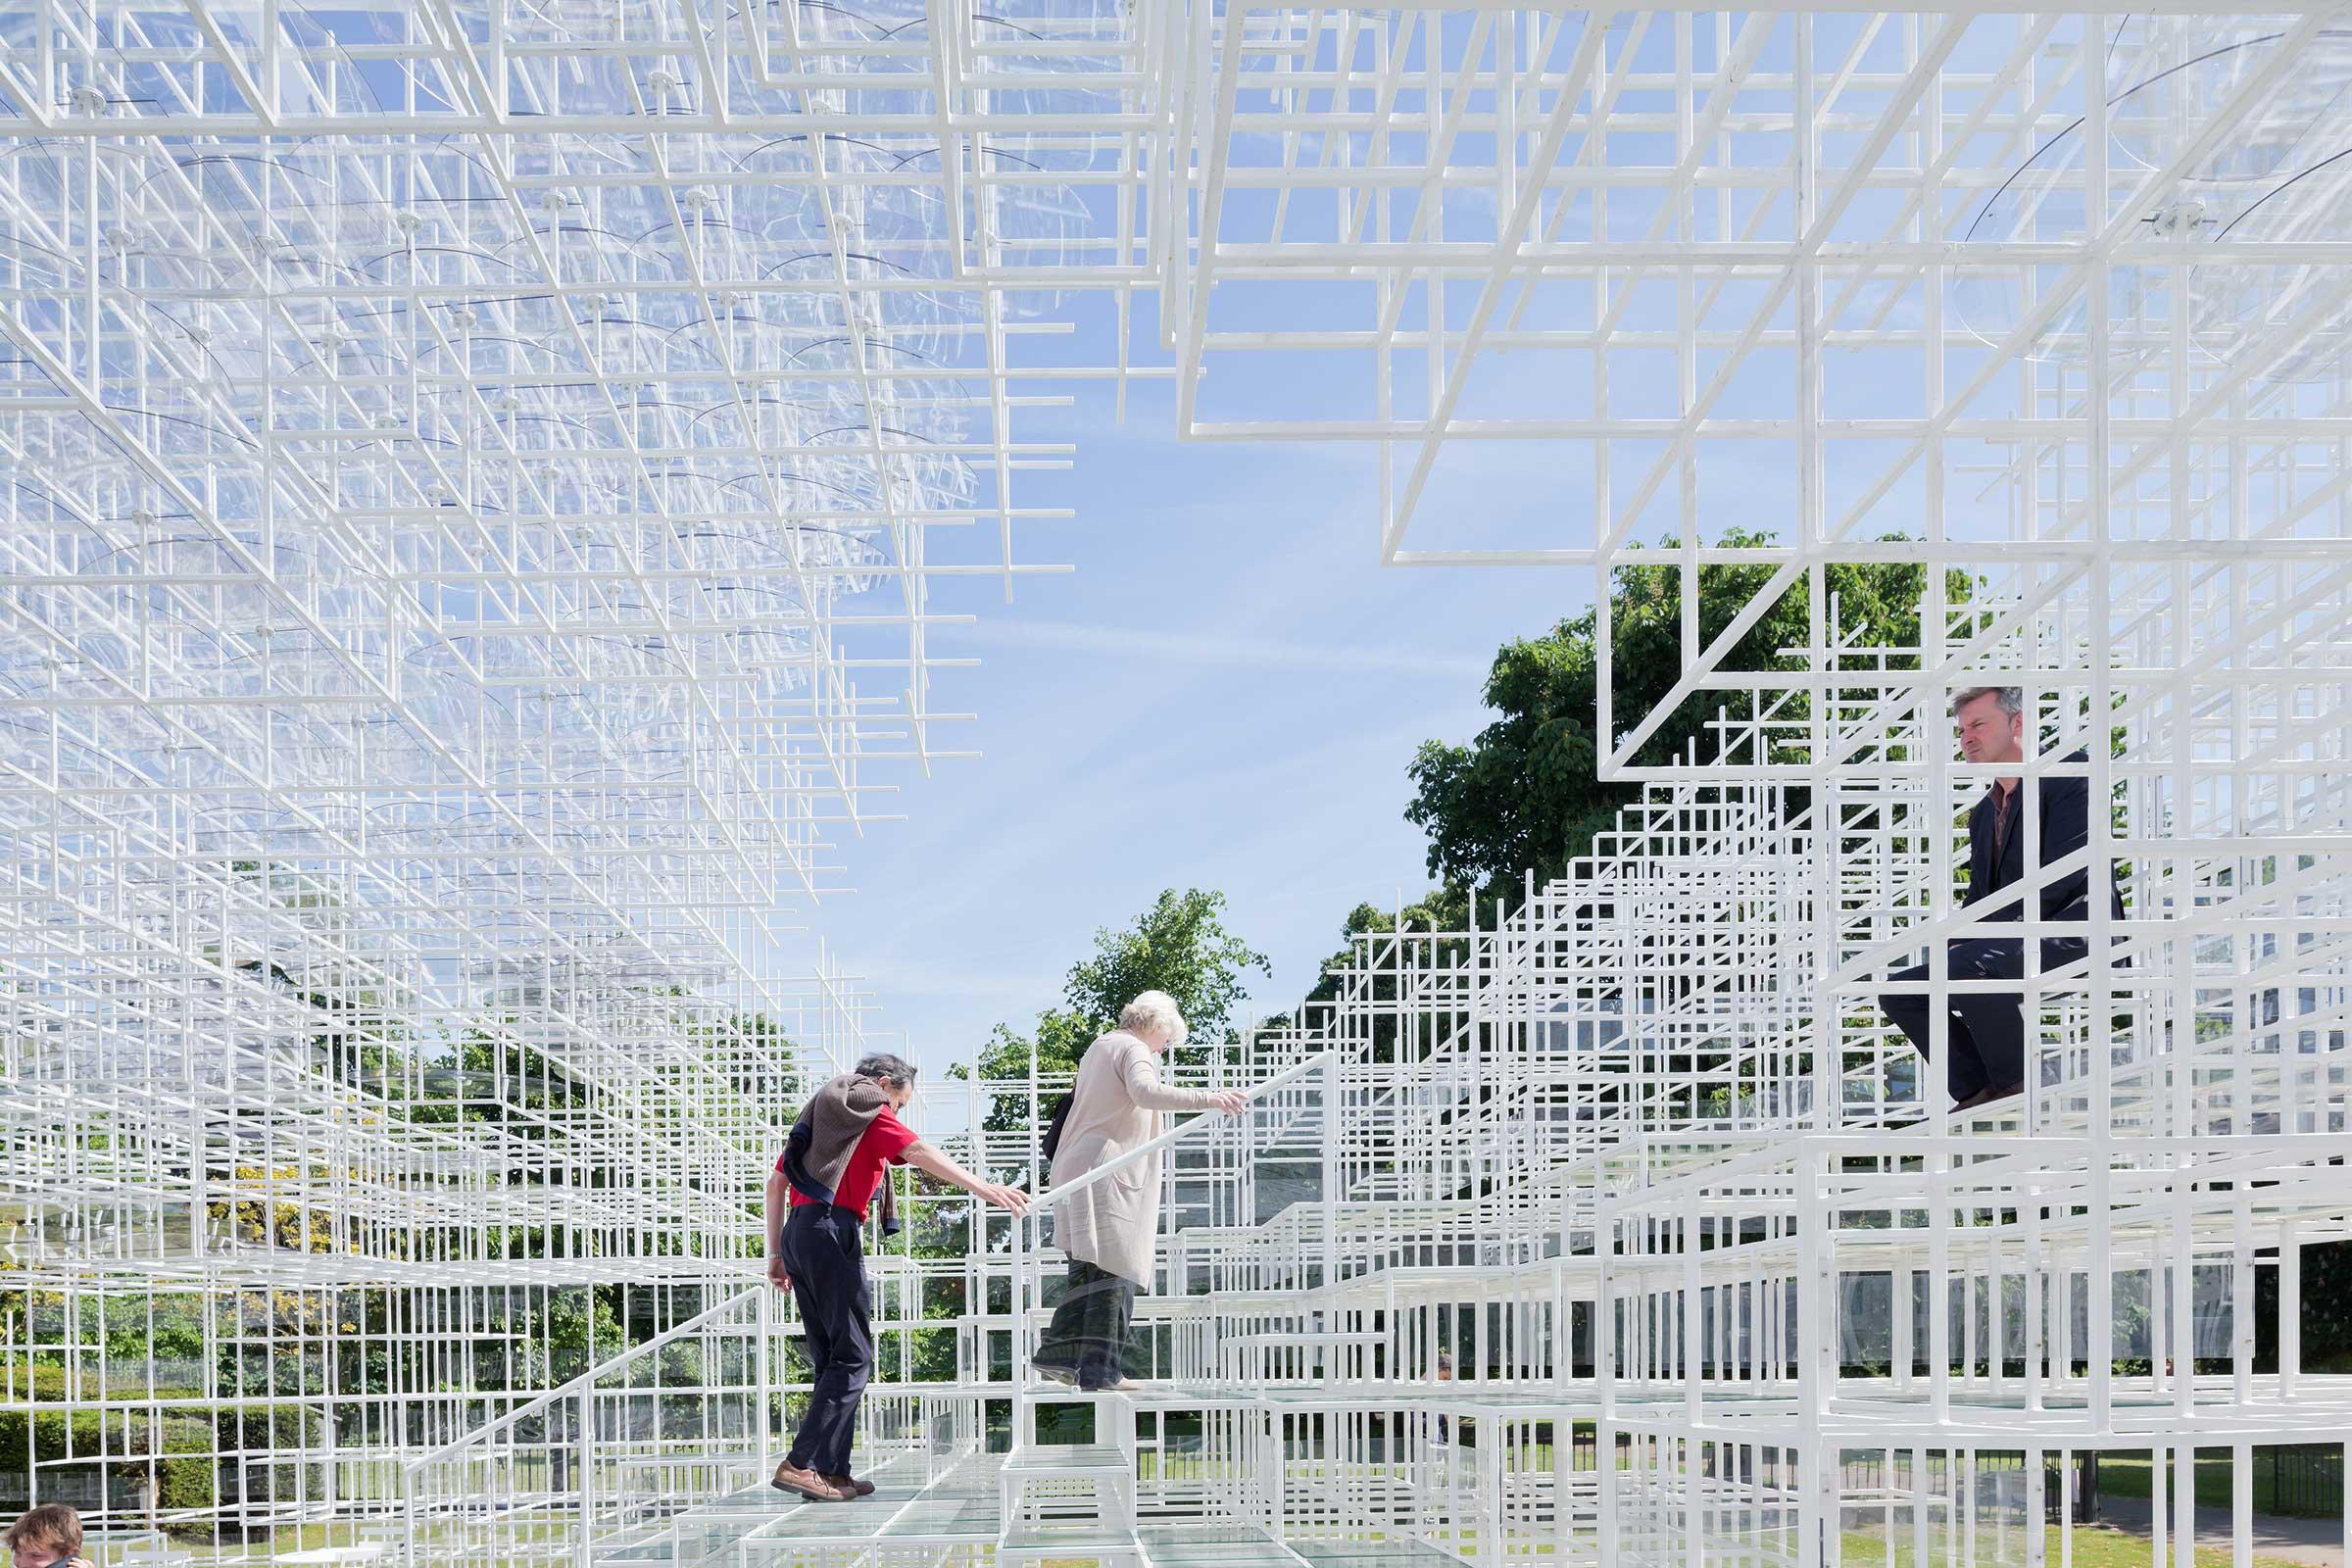 Serpentine Gallery Pavilion 2013. Image by Iwan Baan